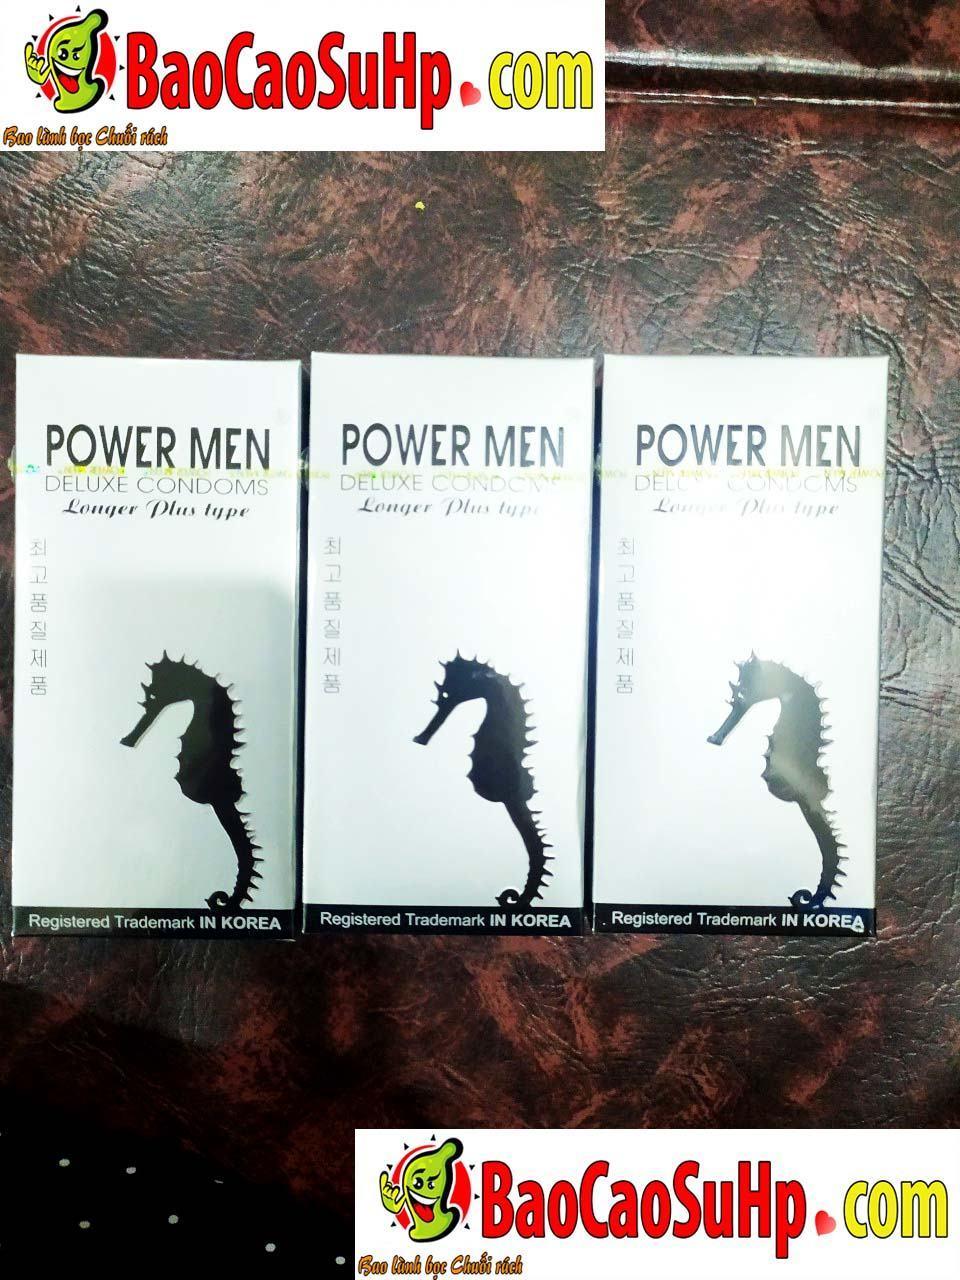 20191027111901 6676179 bao cao su keo dai quan he powermen longer plus 1 - Bao cao su kéo dài quan hệ PowerMen Longer Plus